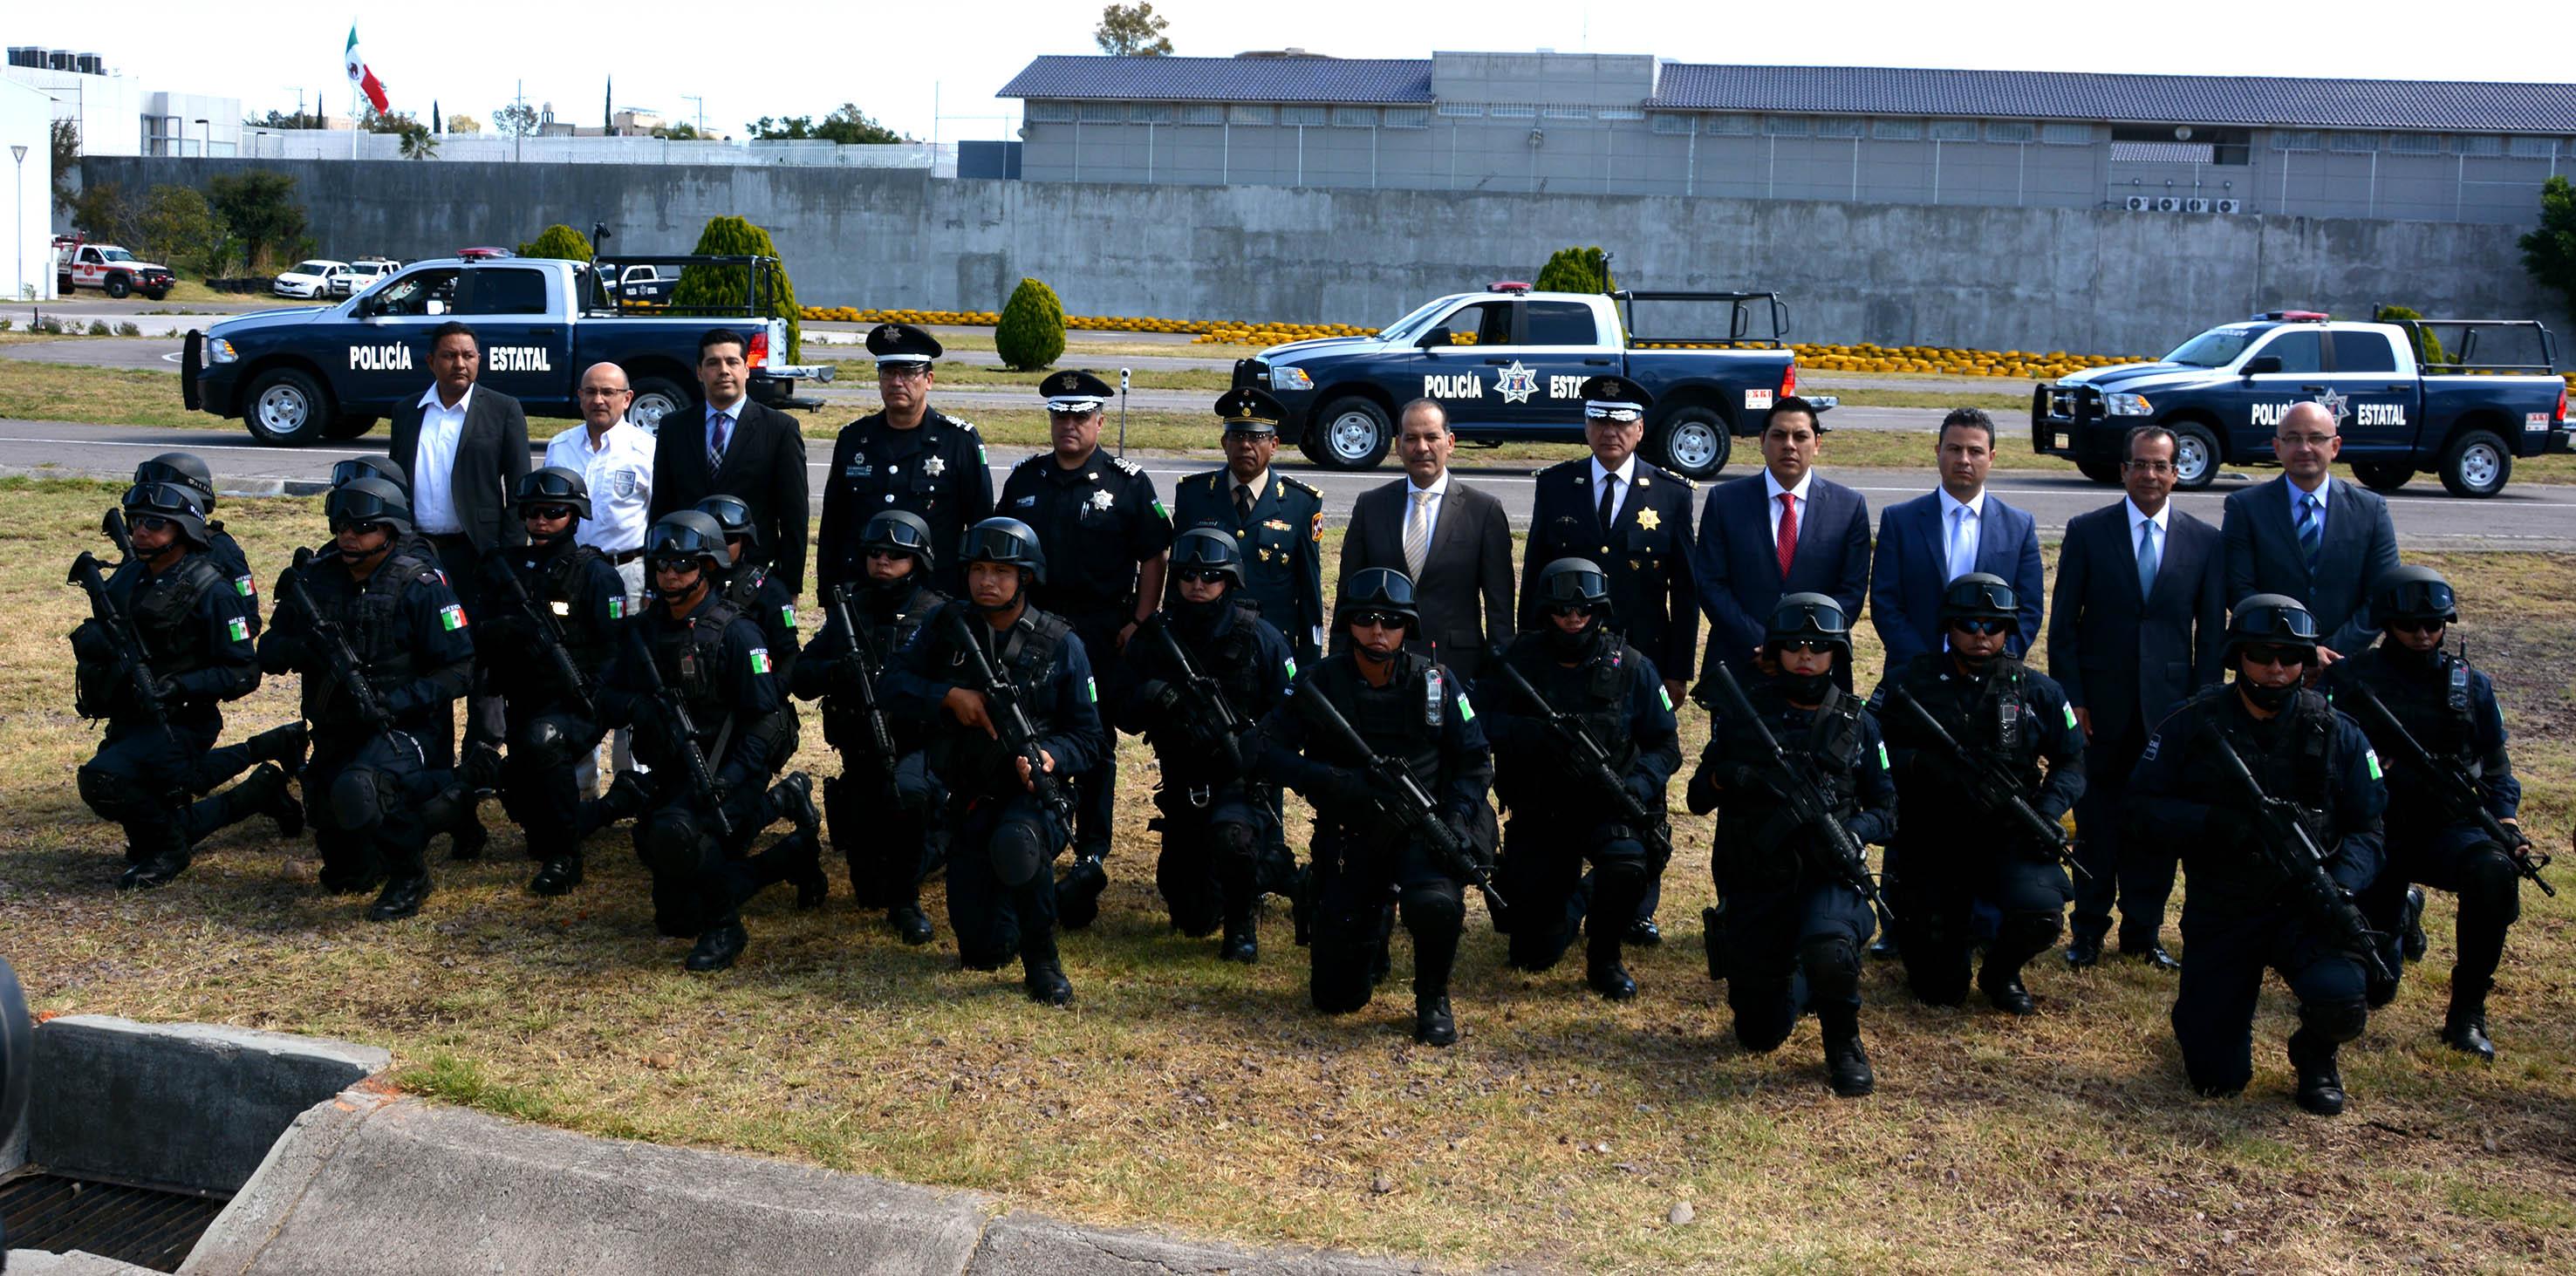 Suspende MOS reunión de seguridad con Gobernadores de Zacatecas y Jalisco